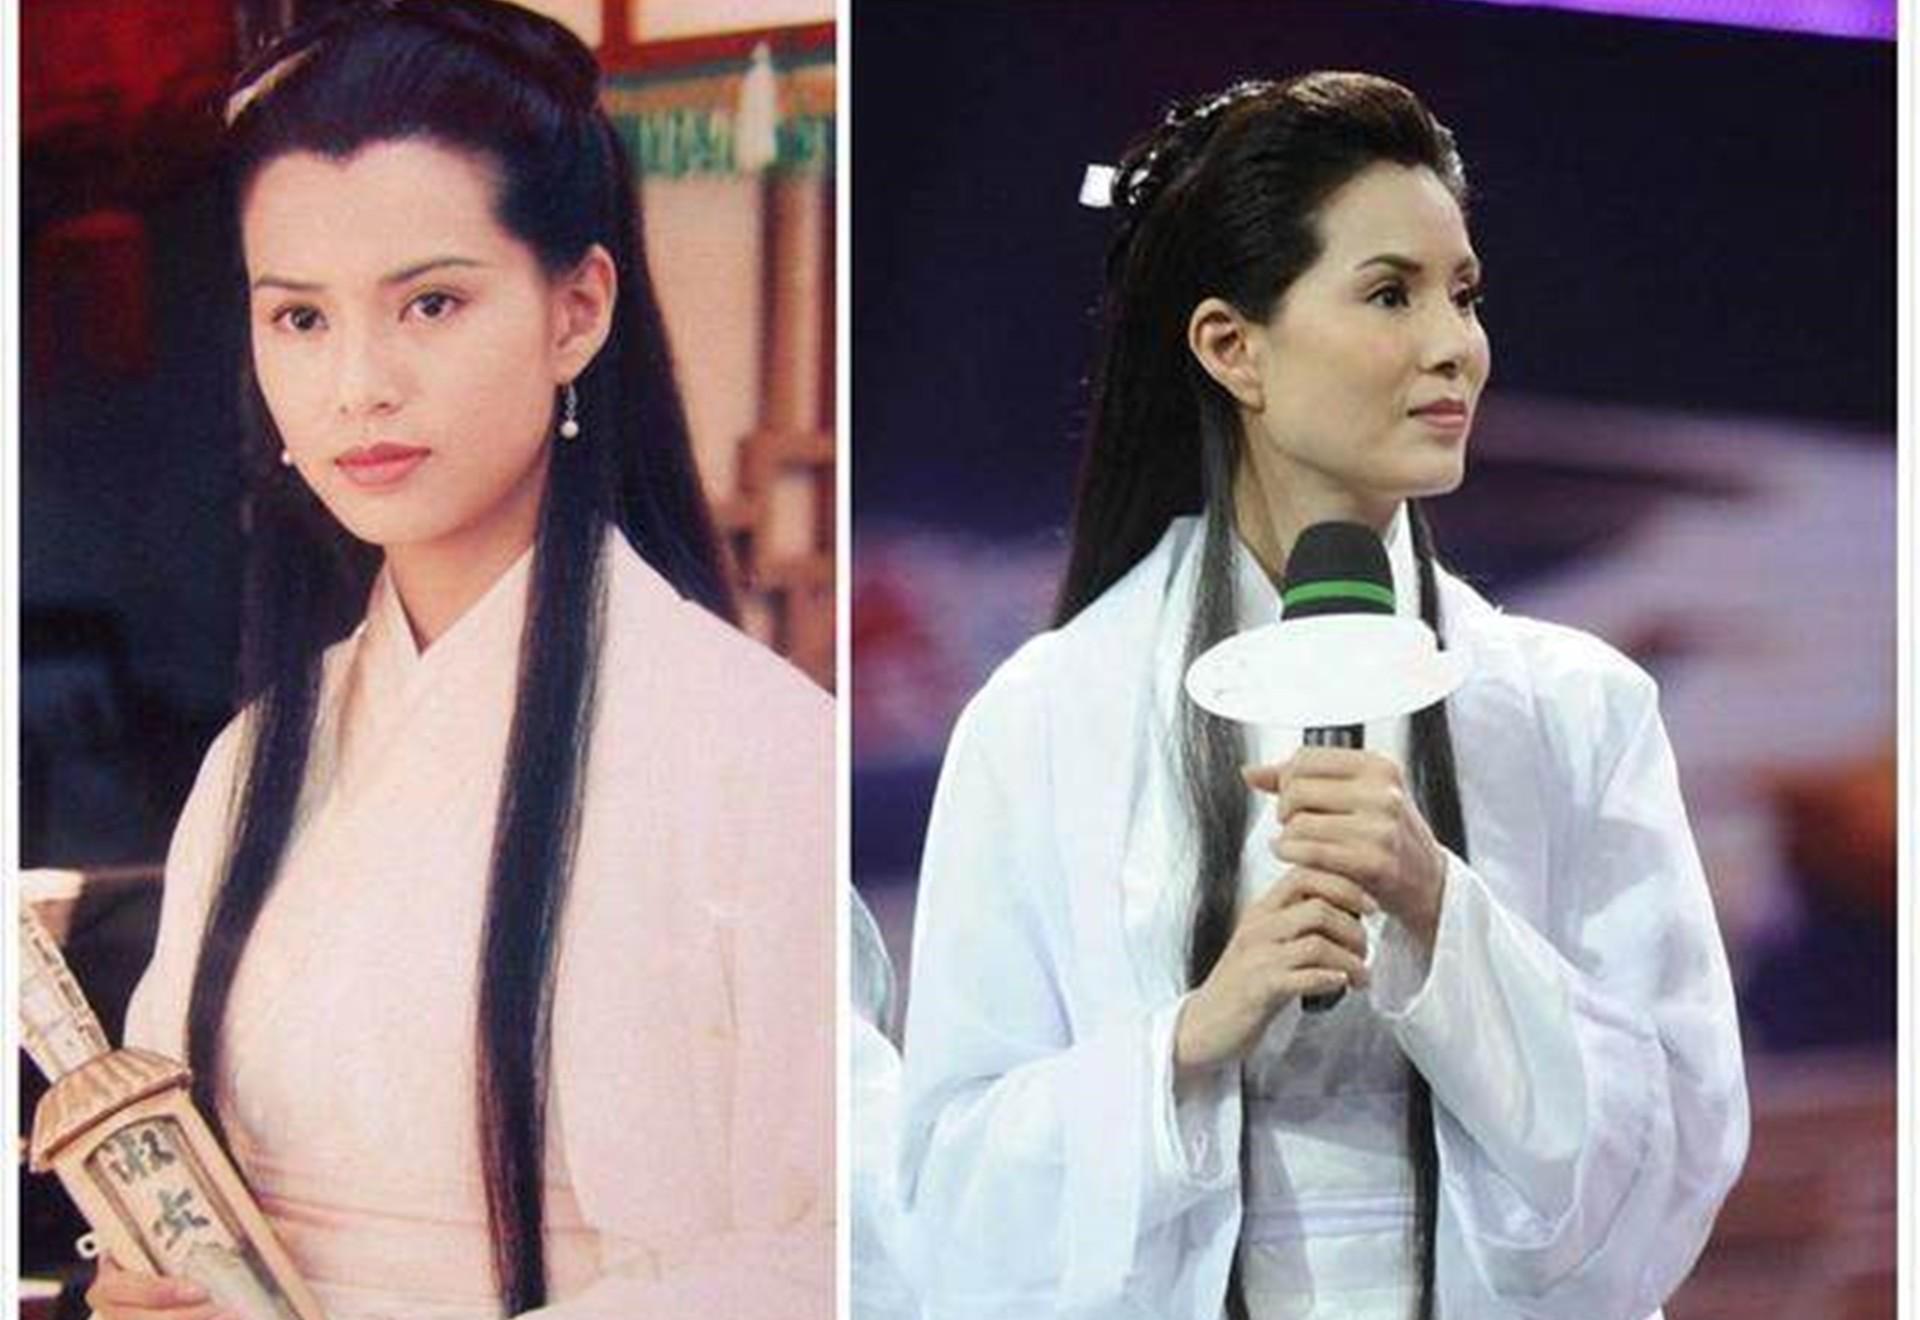 时隔20多年,明星再扮演经典角色,李若彤雪梨朱茵张智霖谁变化大